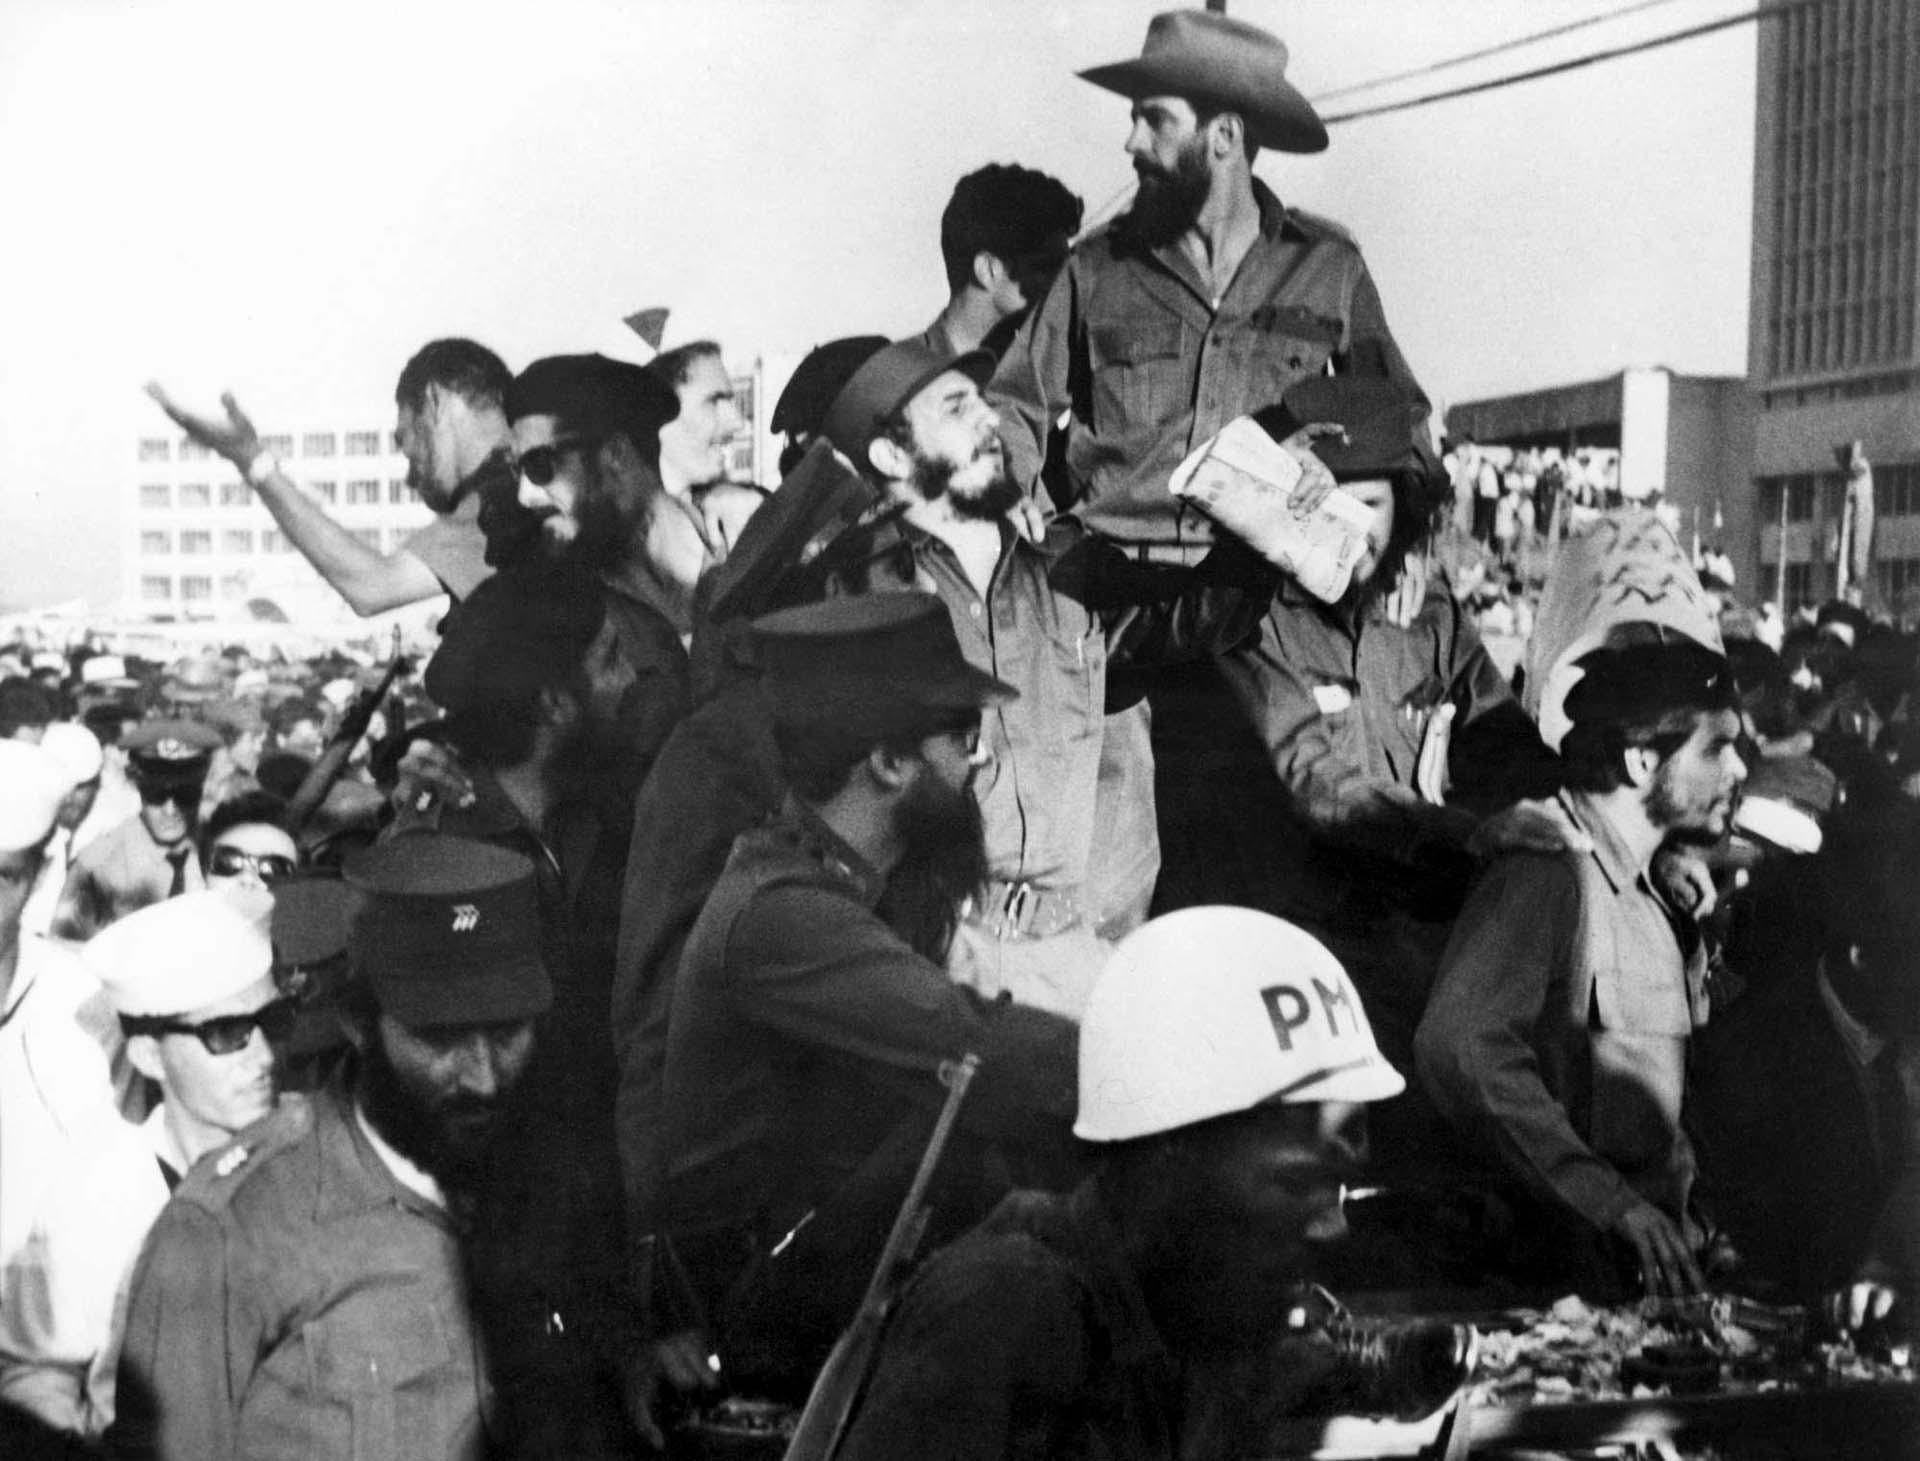 """Fidel Castro, Camilo Cienfuegos (con sombrero, arriba de todo) y Ernesto """"Che"""" Guevara (abajo a la derecha) saludan desde un jeep el 8 de enero de 1959 en su ingreso a La Habana tras el triunfo de la revolución."""